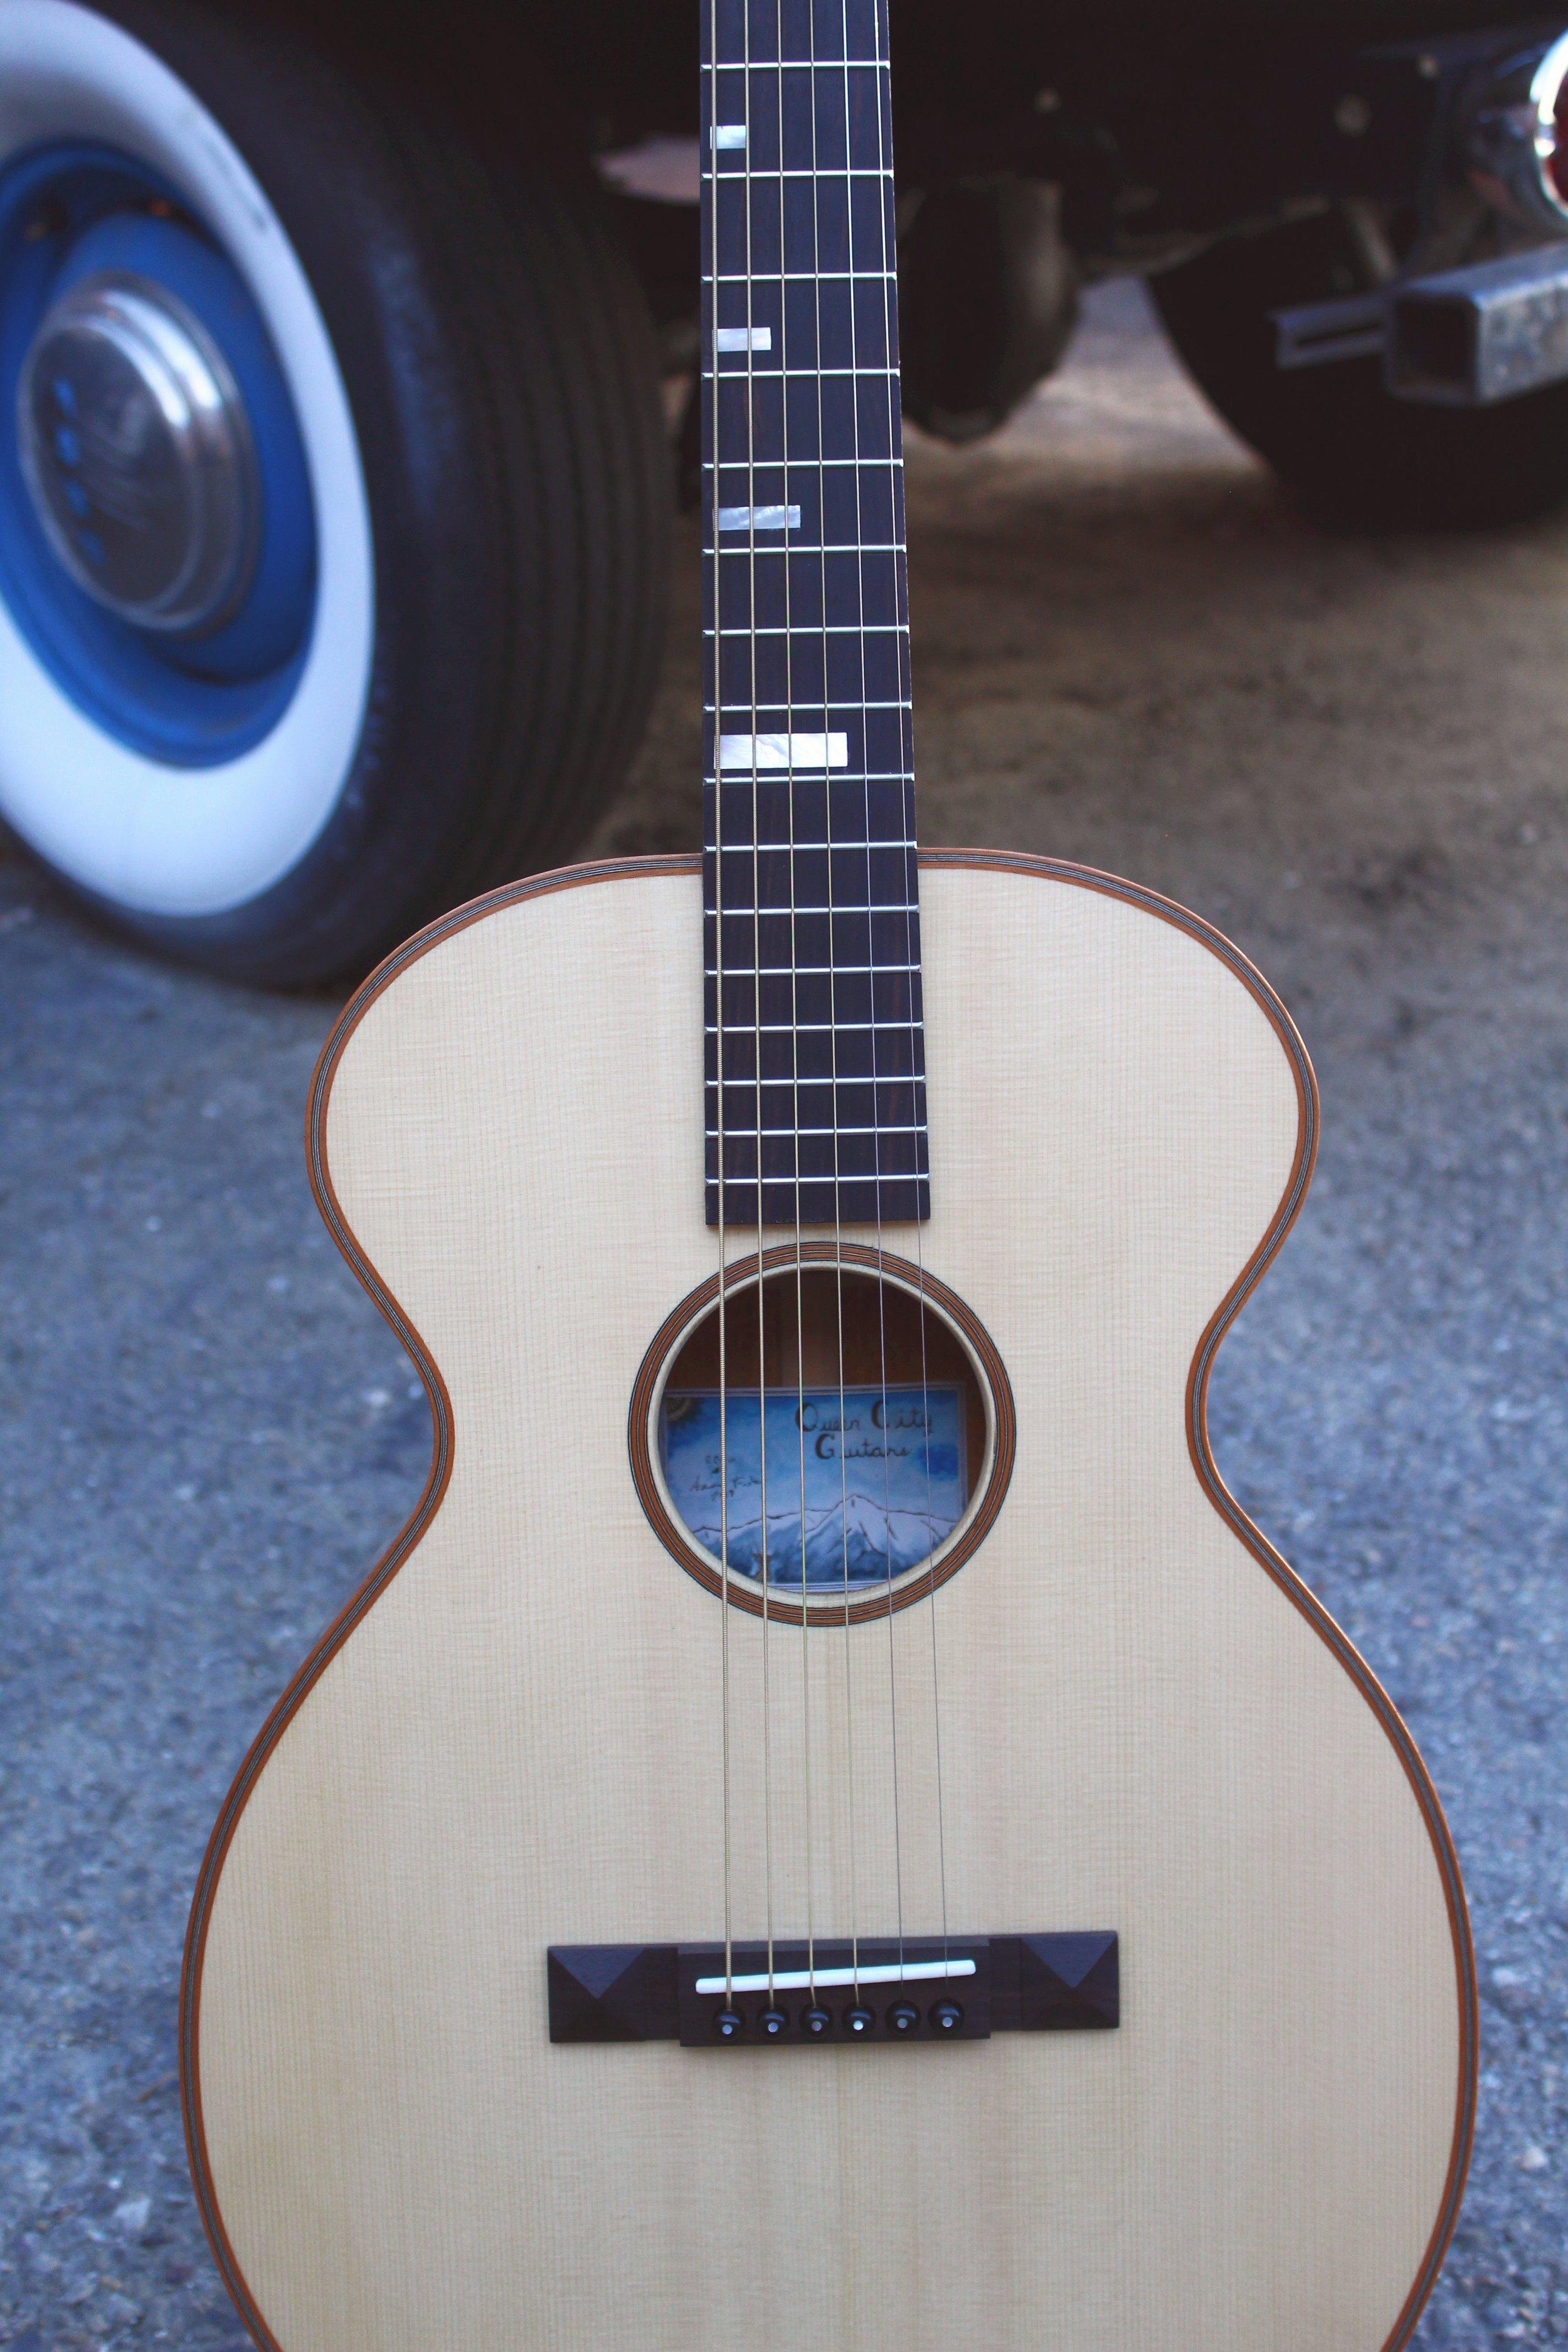 Queen city guitars rb-0